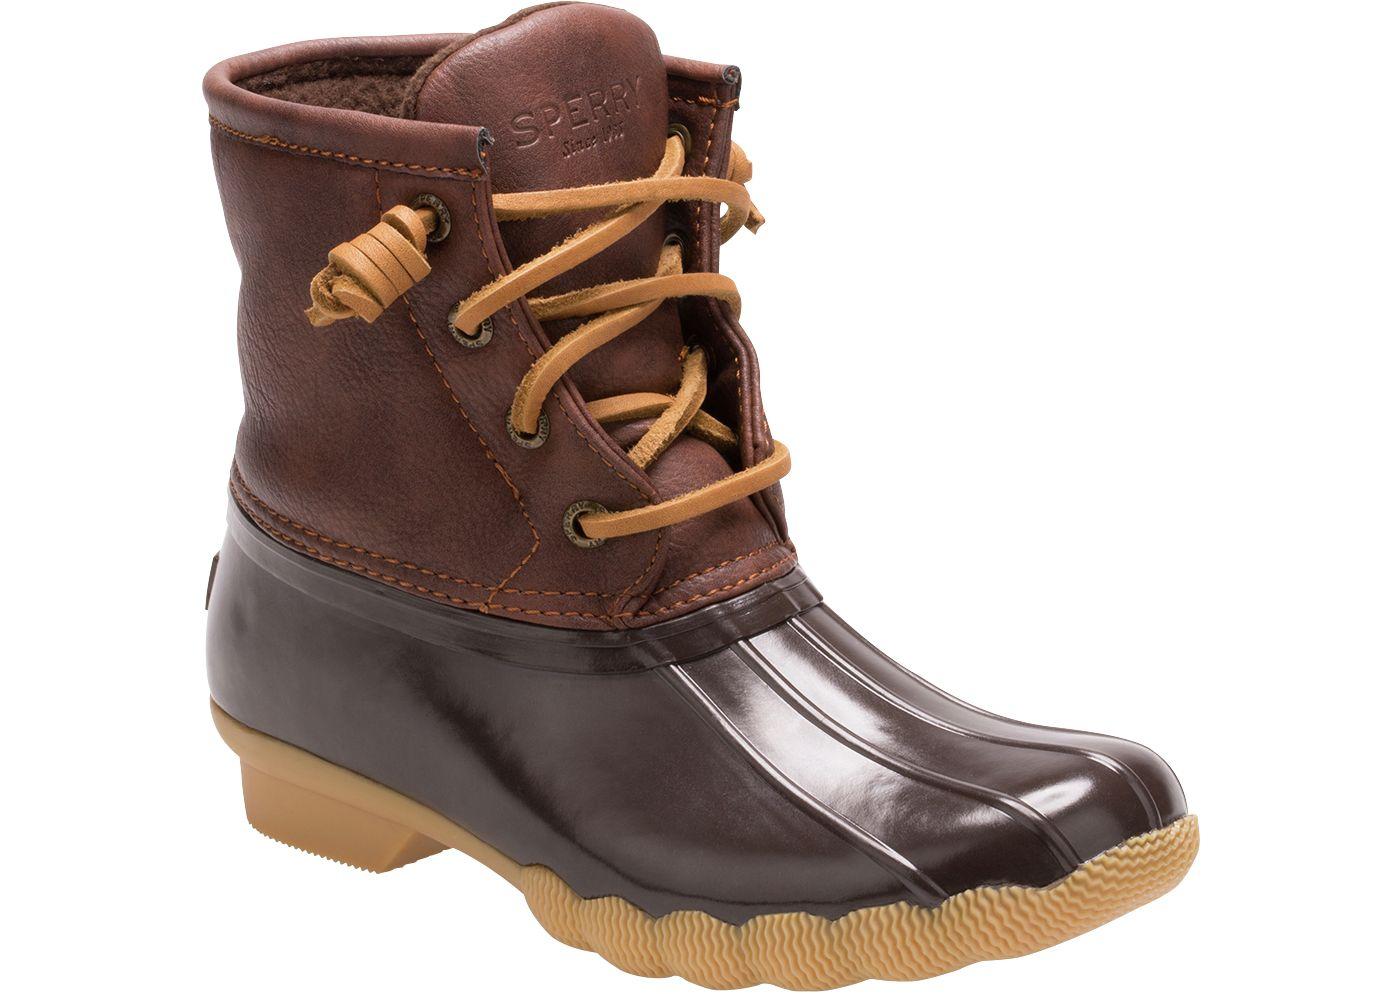 Sperry Kids' Saltwater Waterproof Winter Boots